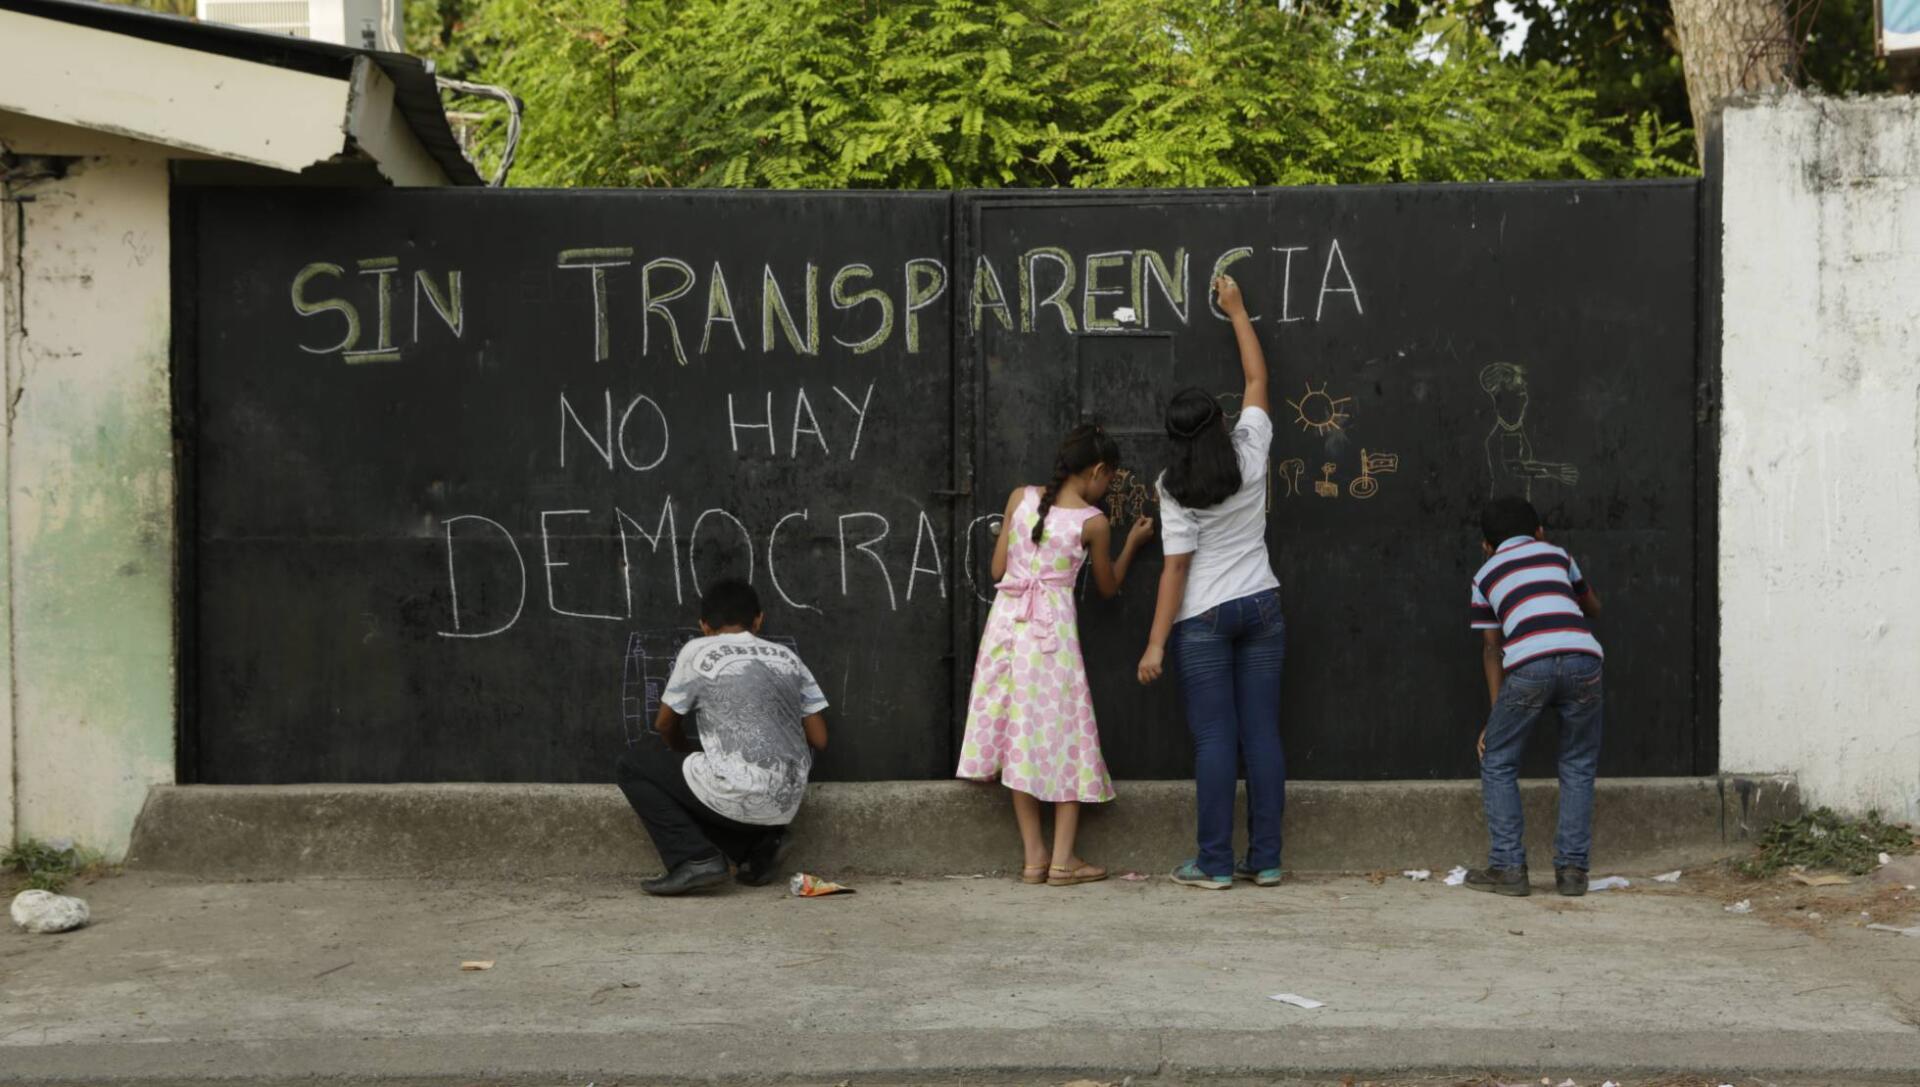 Erradicar para consolidar: la estrategia de los Estados democráticos frente a la cultura del secreto